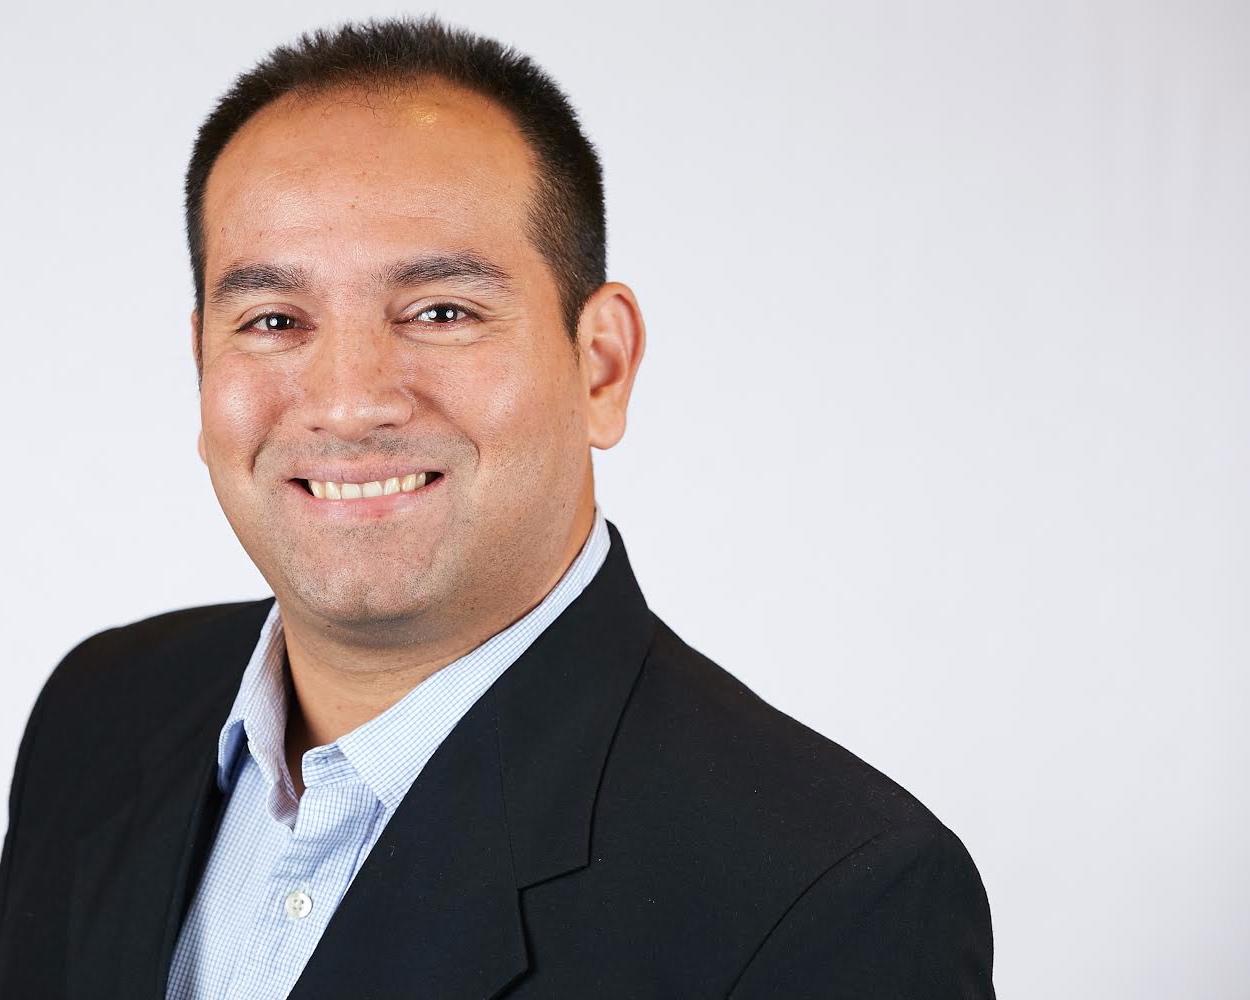 #EVisibilityPodcast Enrique Valera (ECUSA)    15 de Septiembre de 2018   #EVisibilityPodcast  habla con Enrique Valera (University of Illinois at Urbana-Champaign, ECUSA Midwest) sobre su experiencia profesional y la creacion de biomarcadores para detectar sepsis en muestras humanas